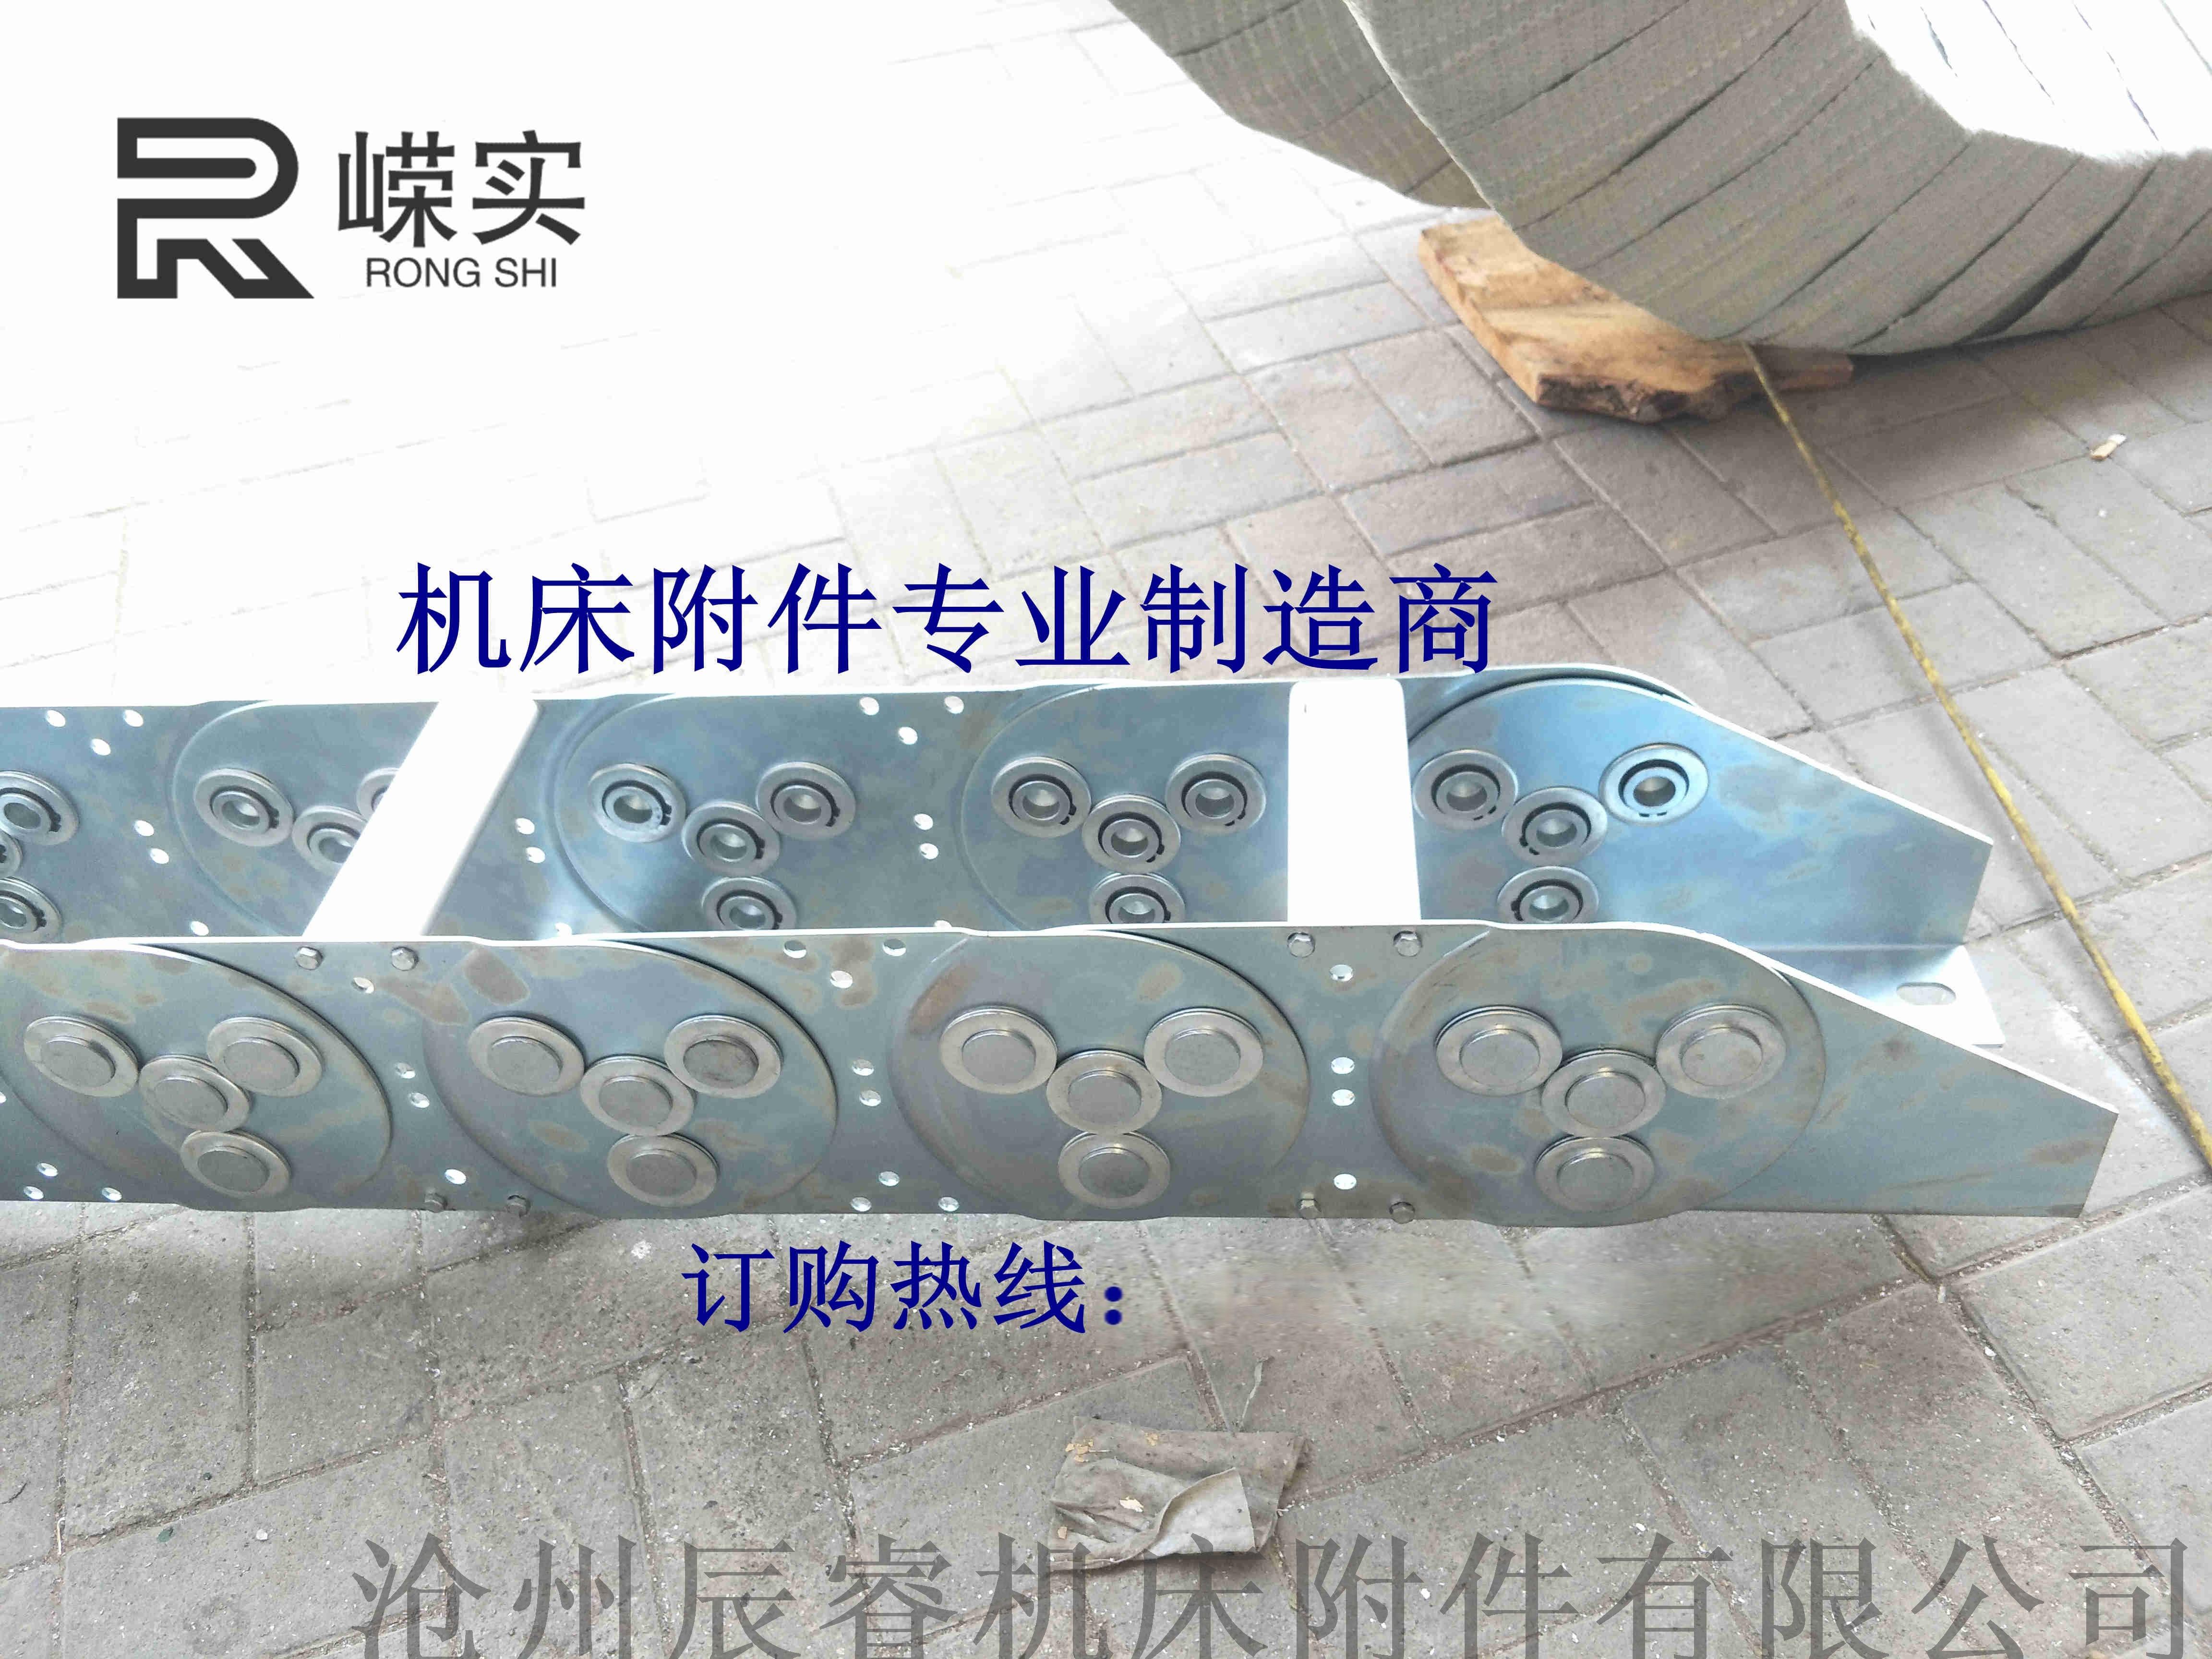 鋼廠鋼製金屬拖鏈 滄州辰睿金屬拖鏈874218985